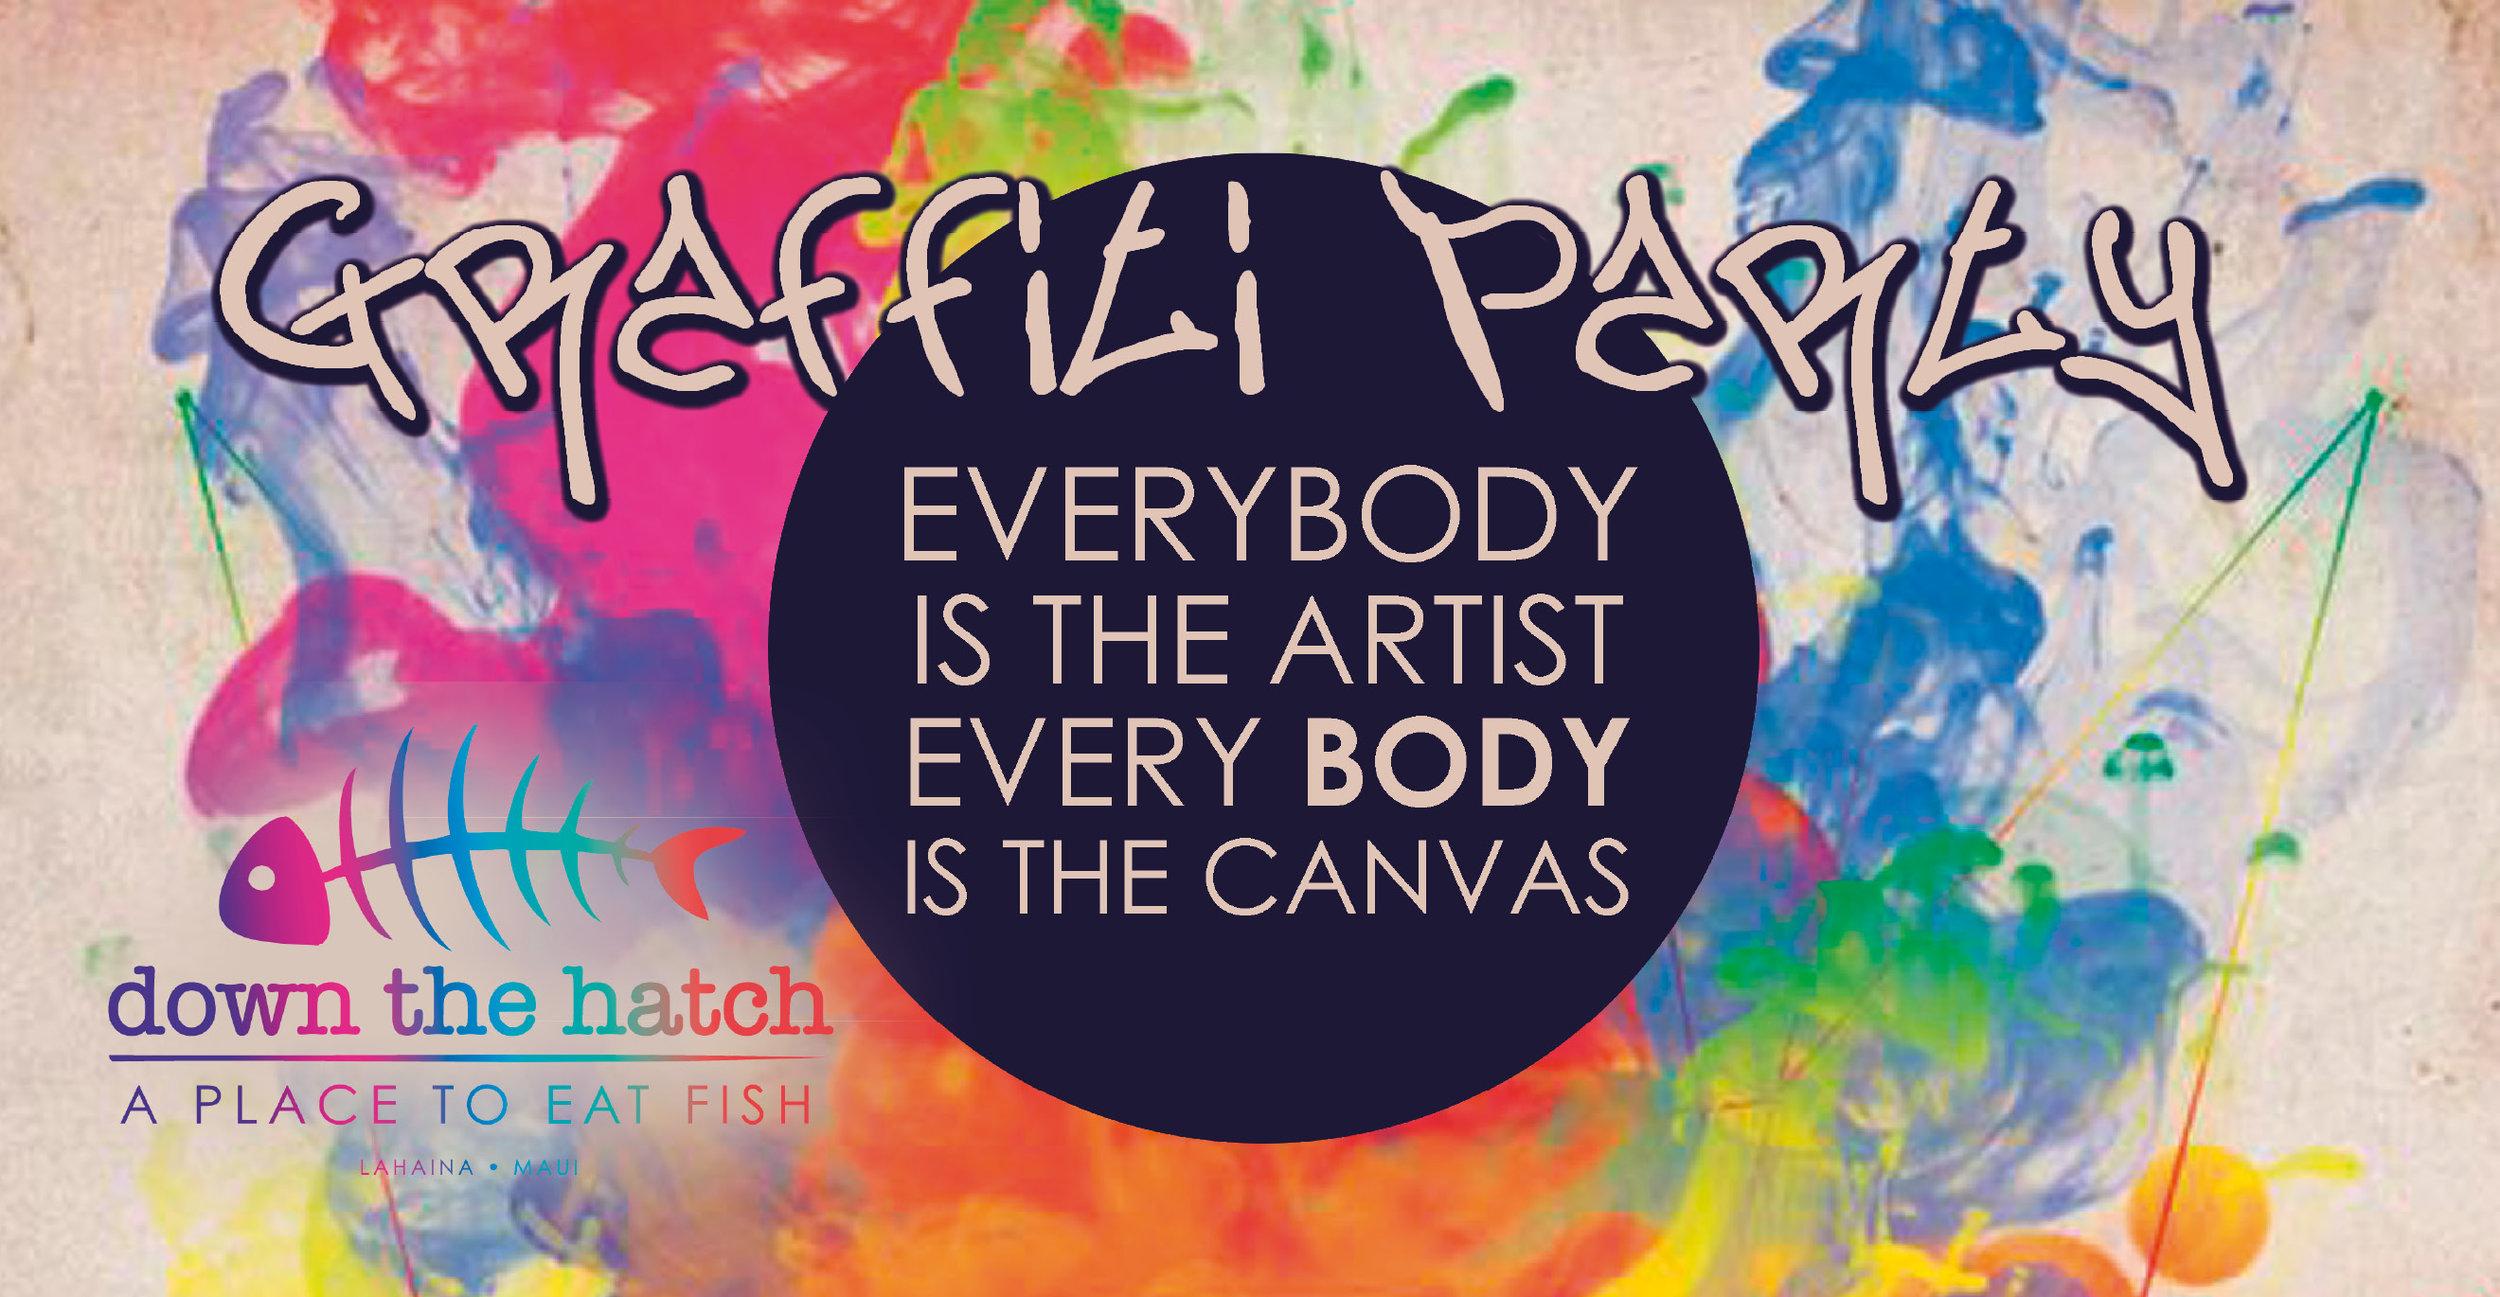 12-29 UPDATE Graffiti Party FACEBOOK.jpg